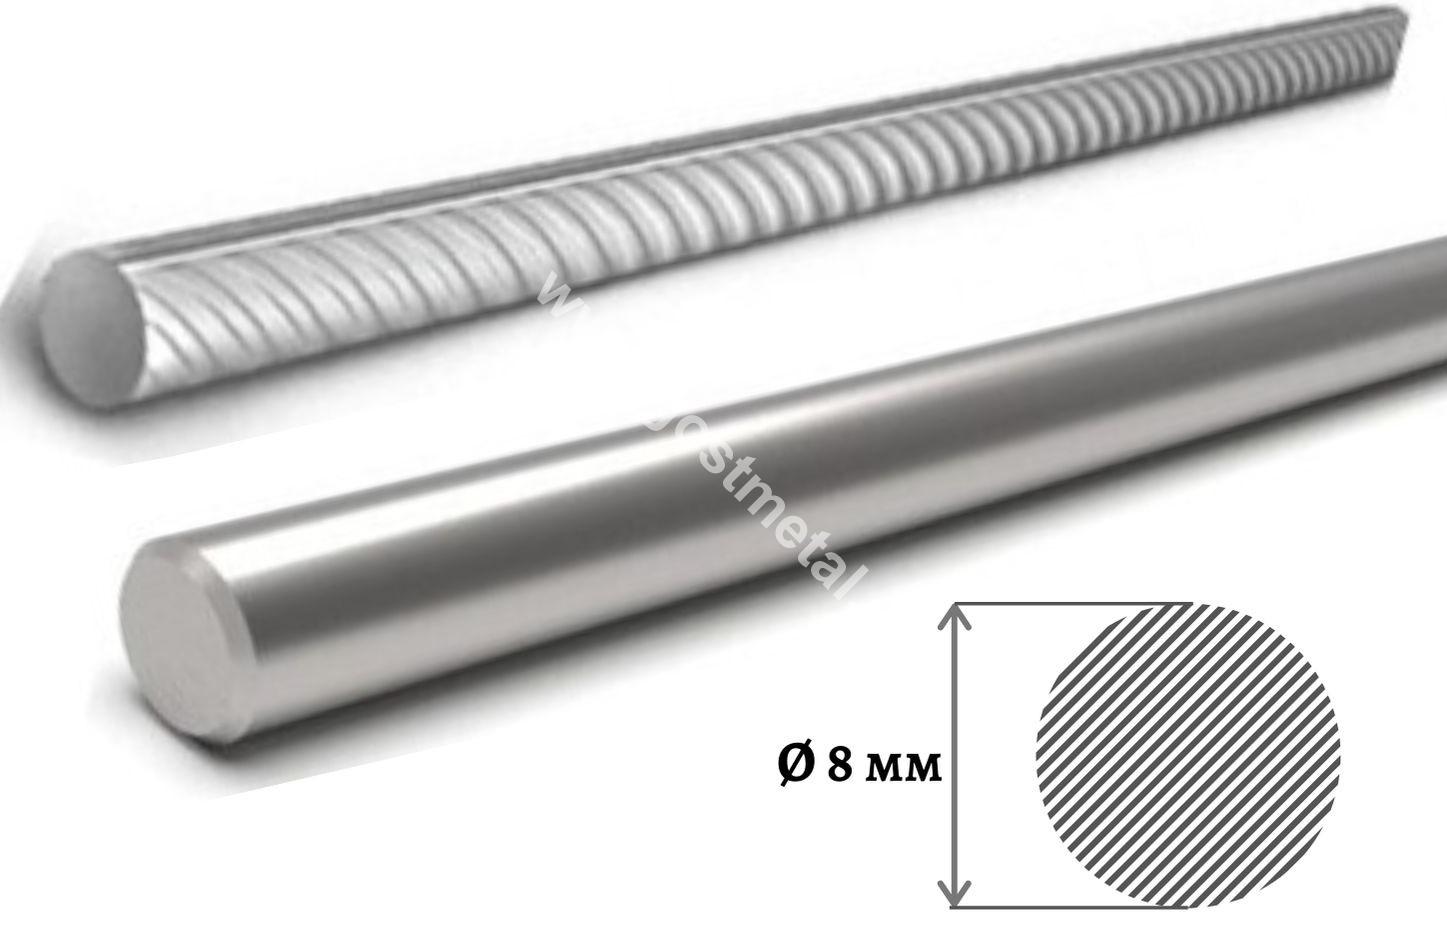 Арматура диаметр 8 цена выгодная в ГОСТ Металл со склада в Москве